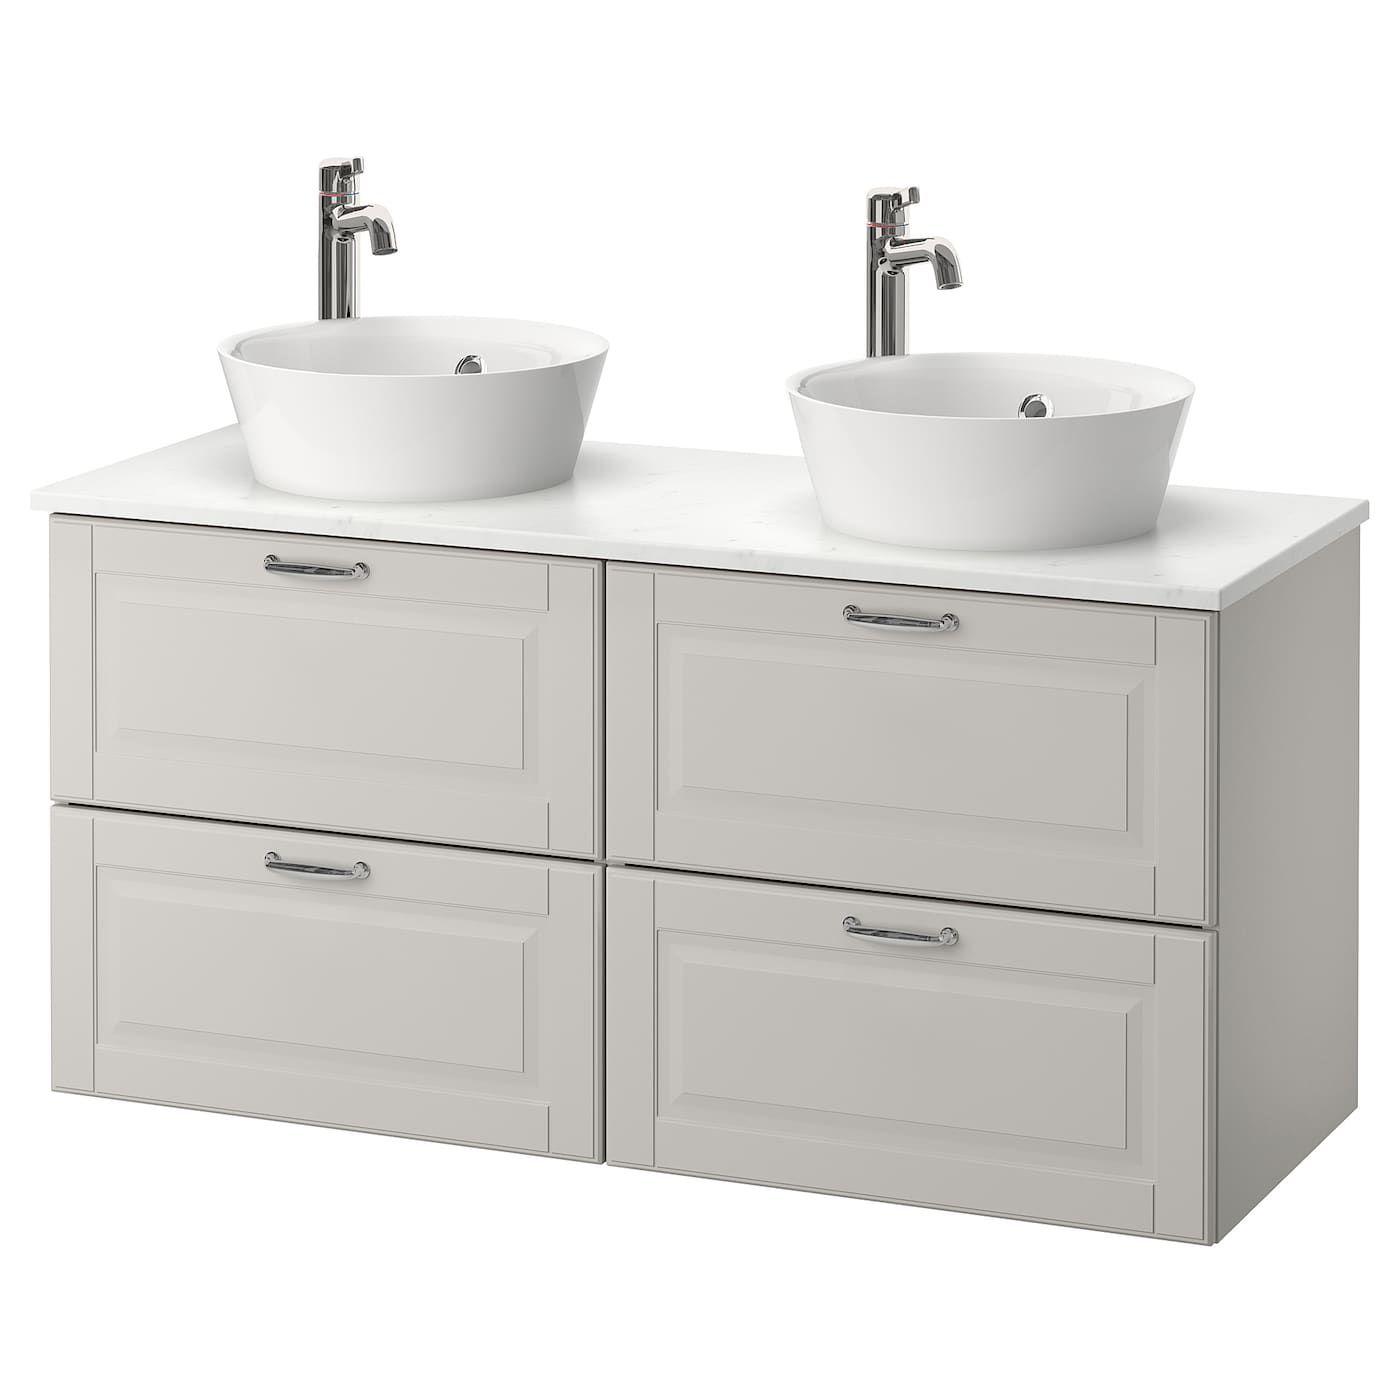 Godmorgon Tolken Kattevik Bathroom Vanity Kasjon Light Gray